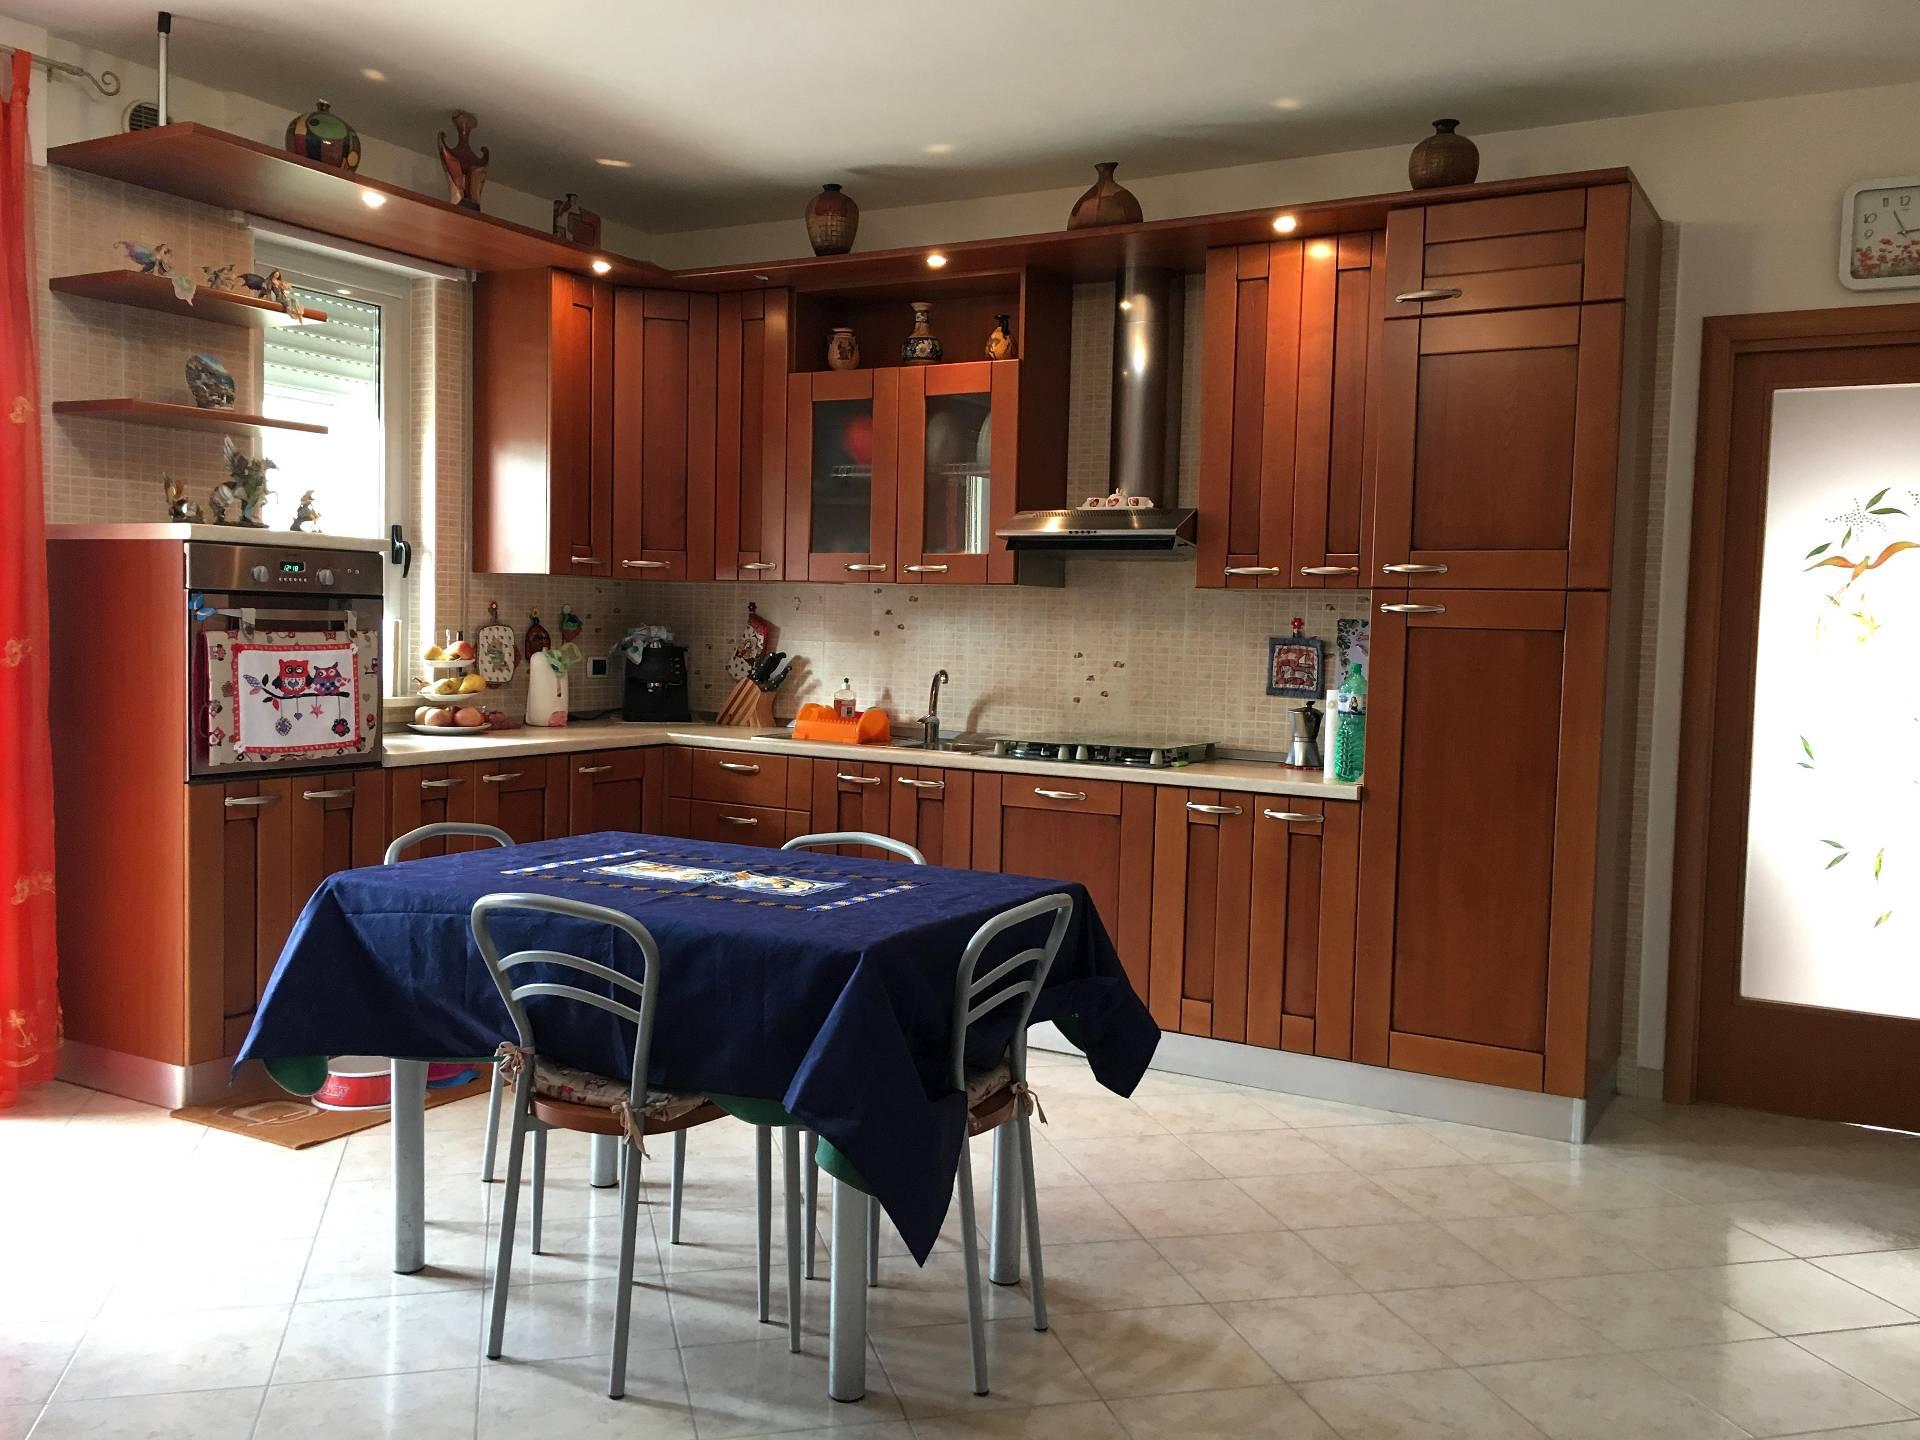 Appartamento in vendita a Corropoli, 3 locali, zona Località: Bivio, prezzo € 84.000   Cambio Casa.it